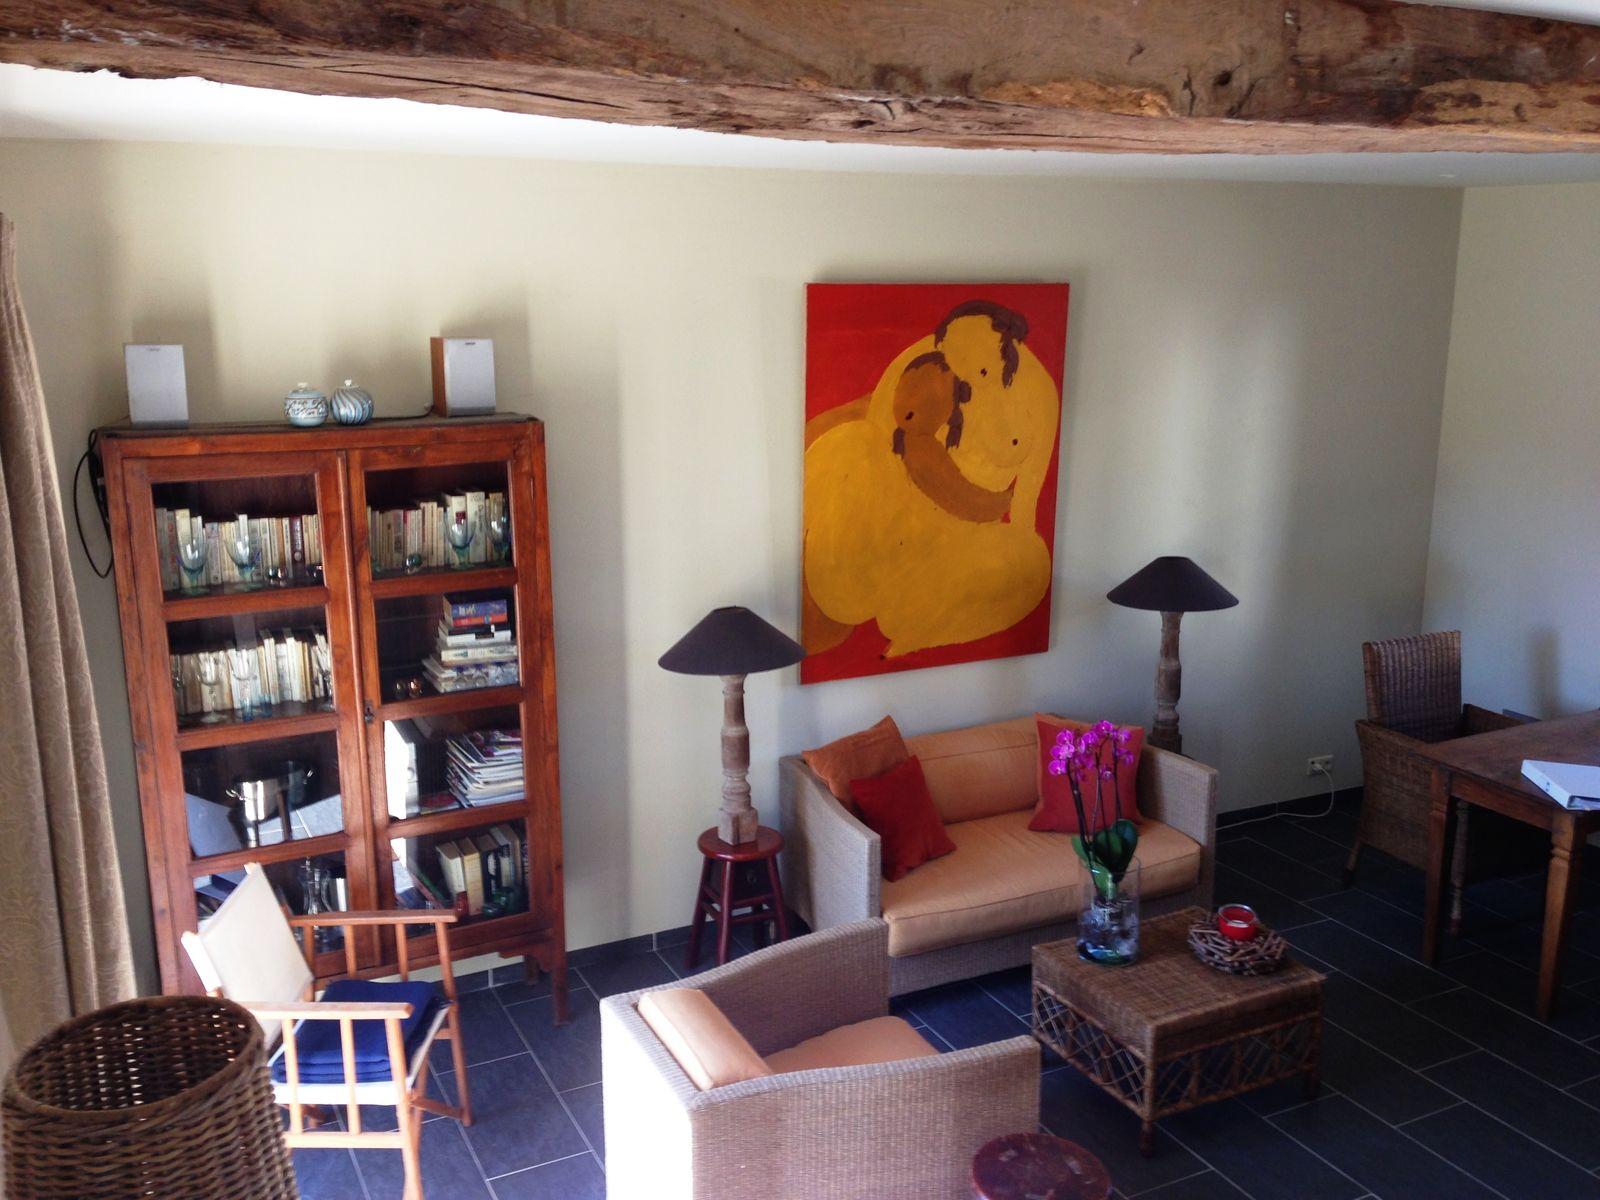 Afbeelding van Maison de Chasse - la Grange - luxe vakantiehuis Dordogne, Frankrijk